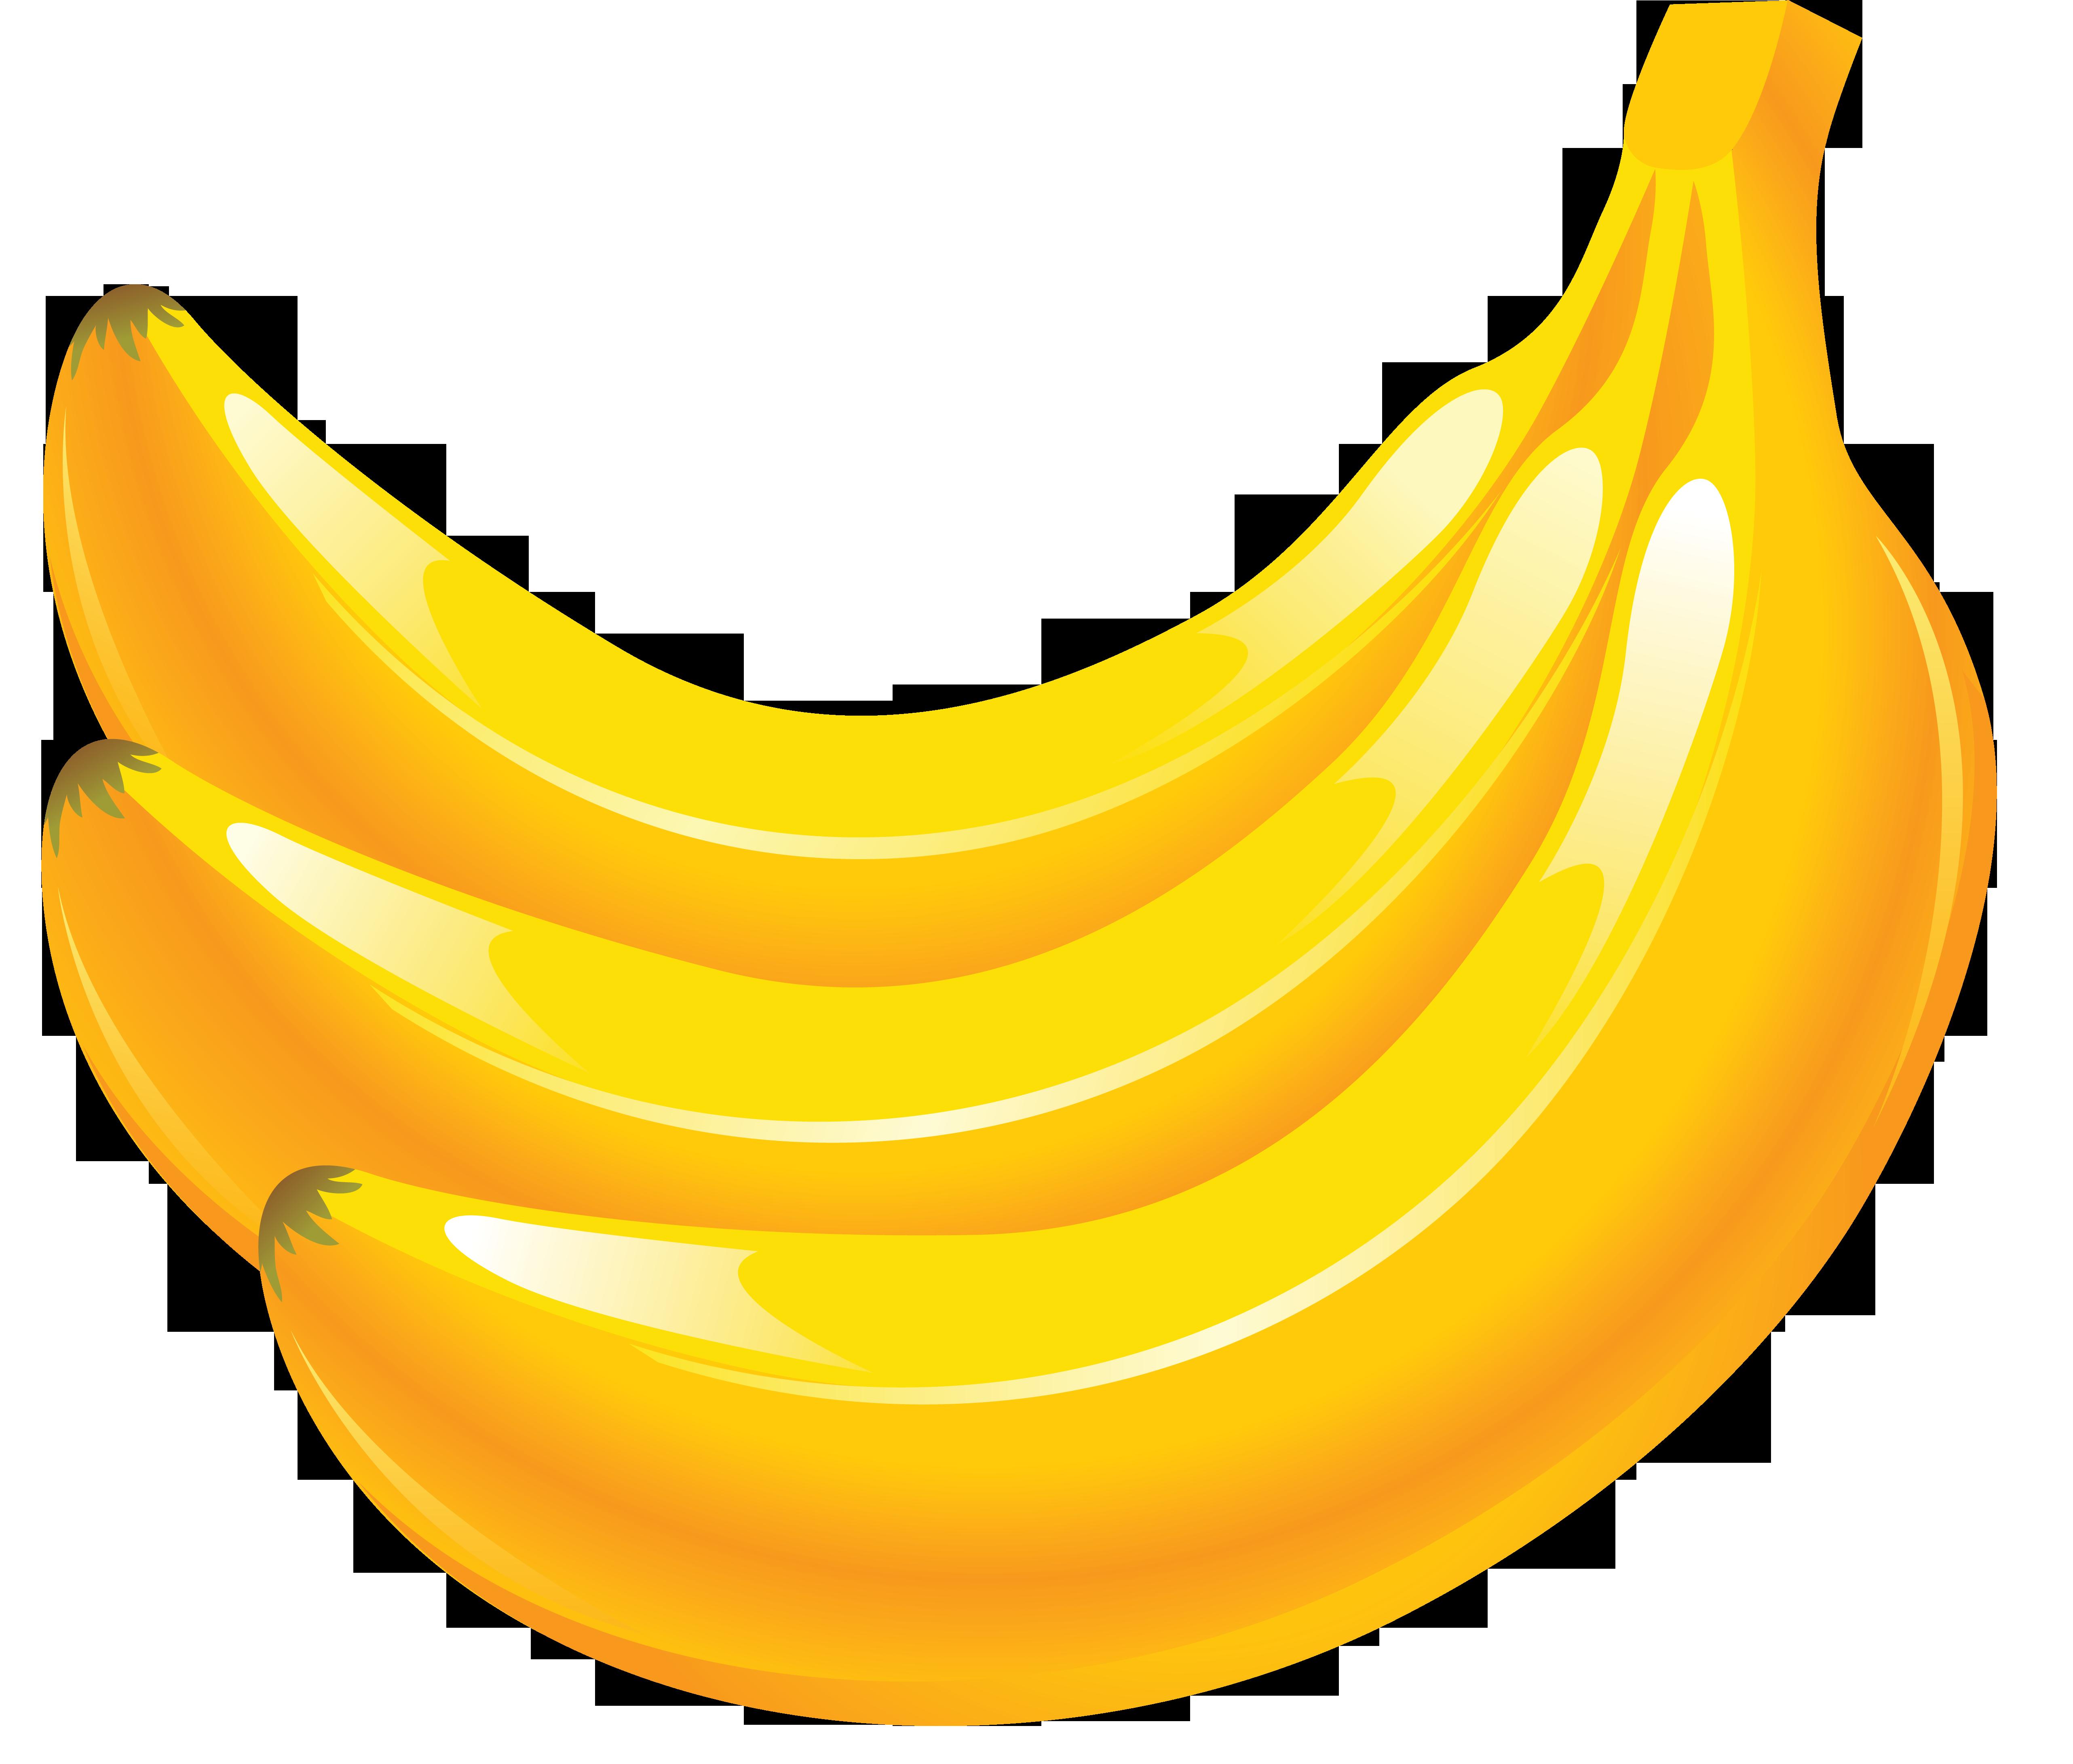 Banana S Png Image Banana Banana Lovers Fruits Drawing